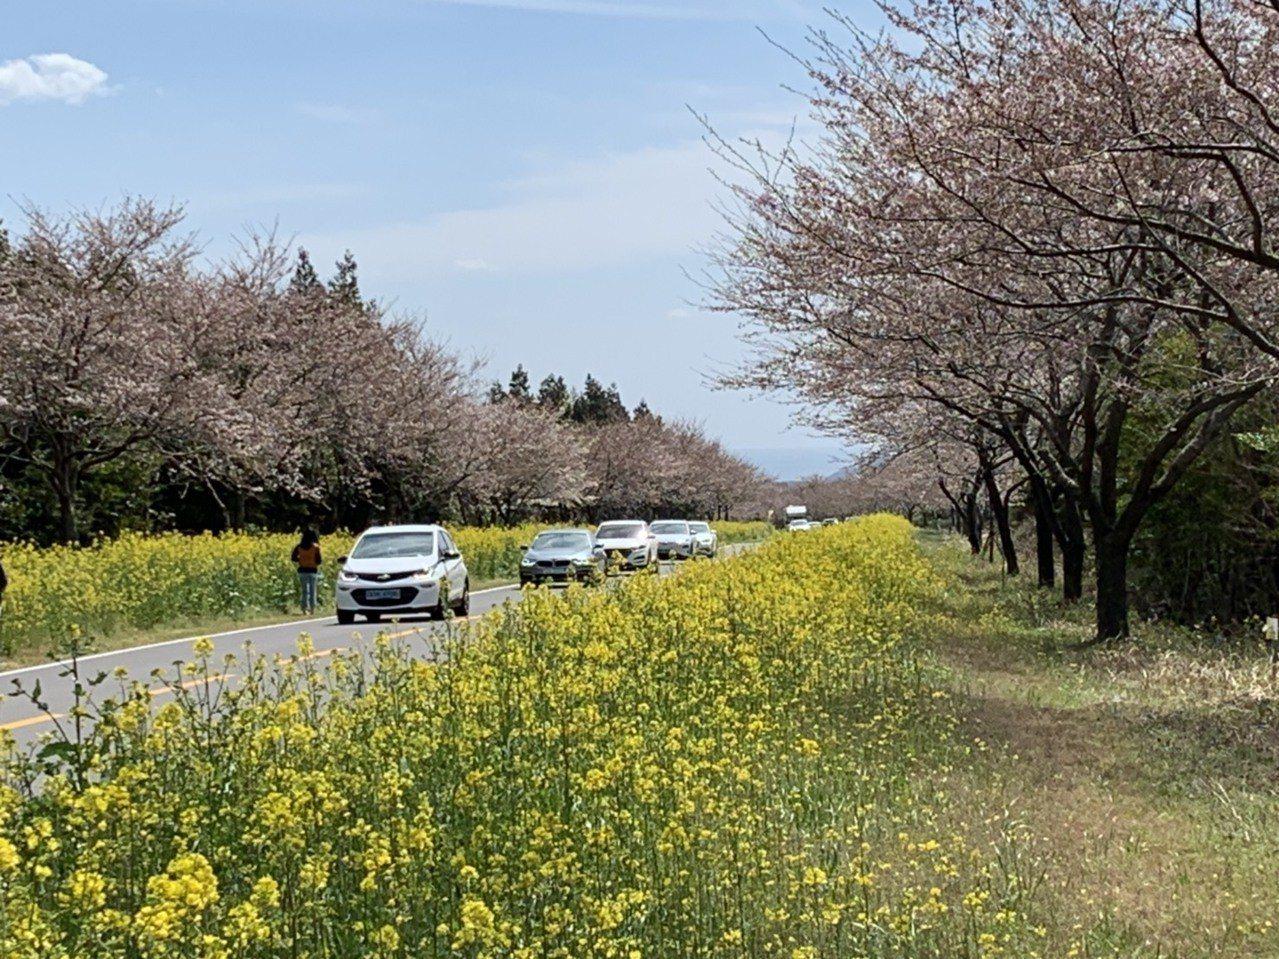 濟州島鹿山路兩旁除了有整排的櫻花,更有大片油菜花,每年春天都吸引眾多旅客前往賞花...